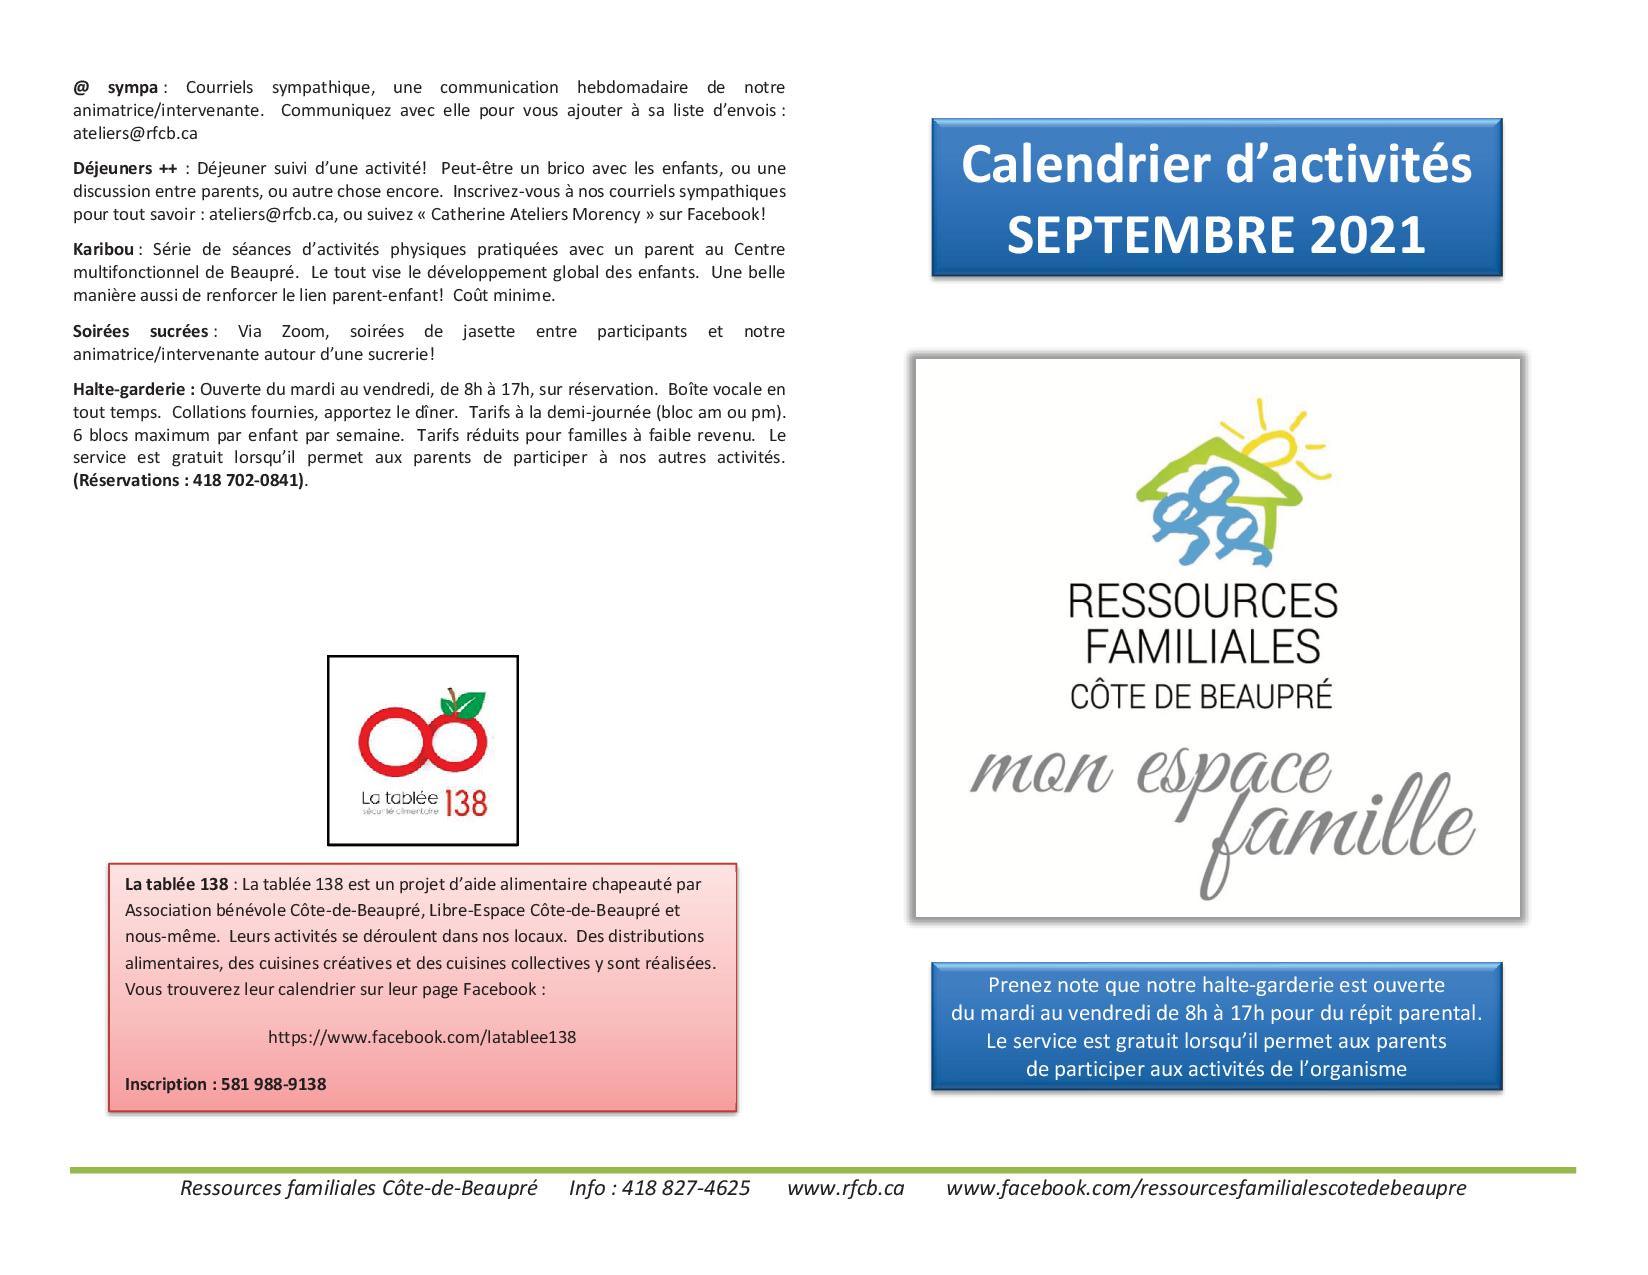 Calendrier RFCB 2021-091